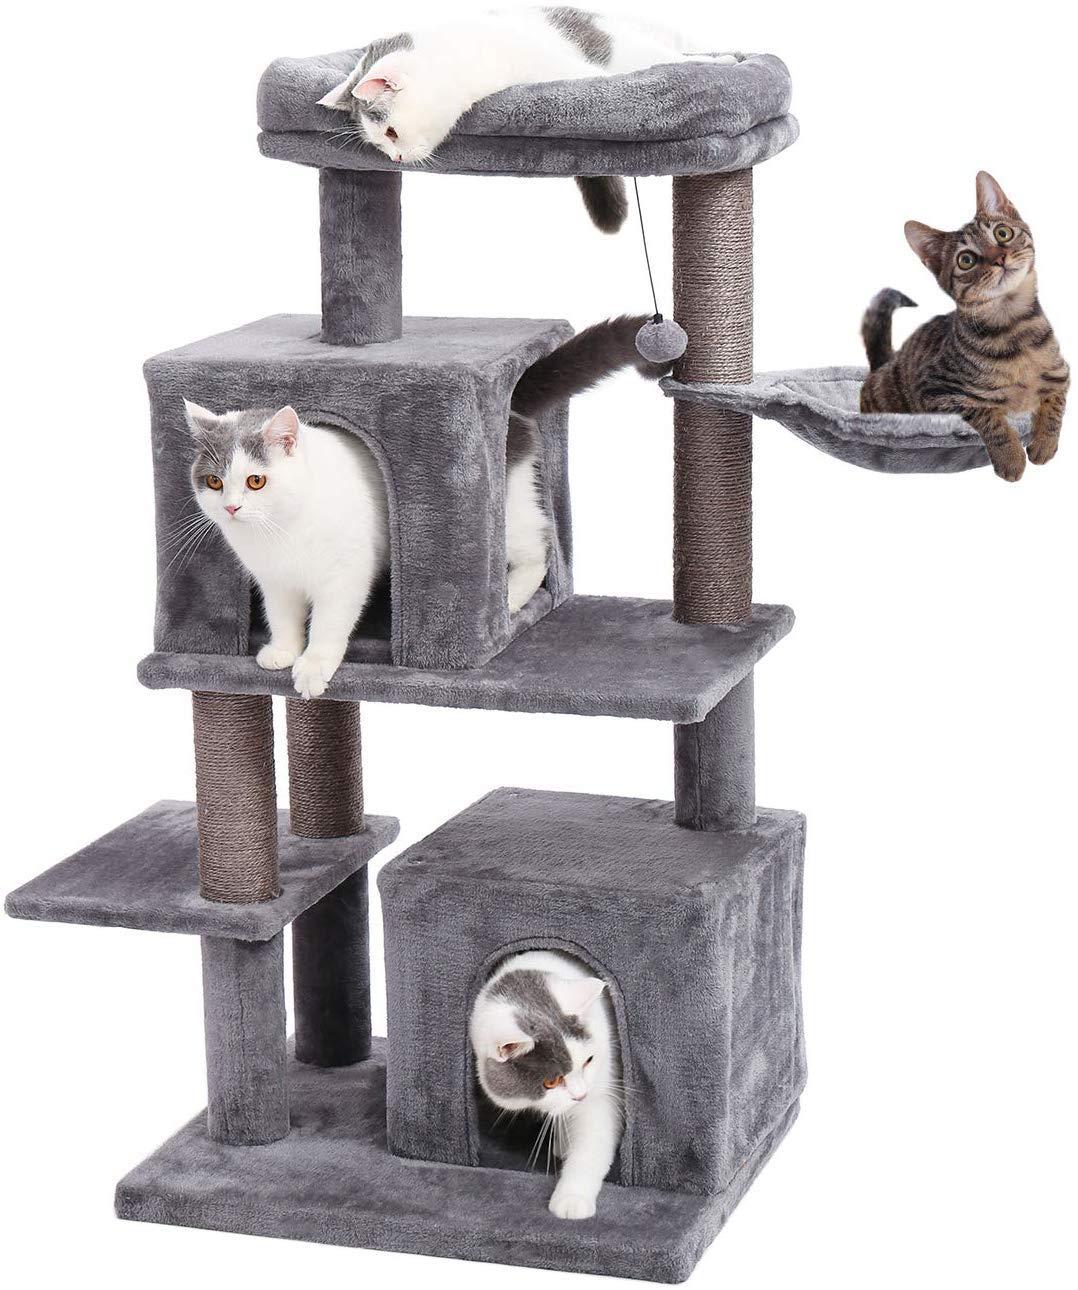 Eono by Amazon Árboles Escalador para Gatos Nidos Rascadors Arañazo Sisal Cubierto Columnas Poste Casa Cueva con Cama para Gatitos Bolas Juguetes Gris: Amazon.es: Productos para mascotas